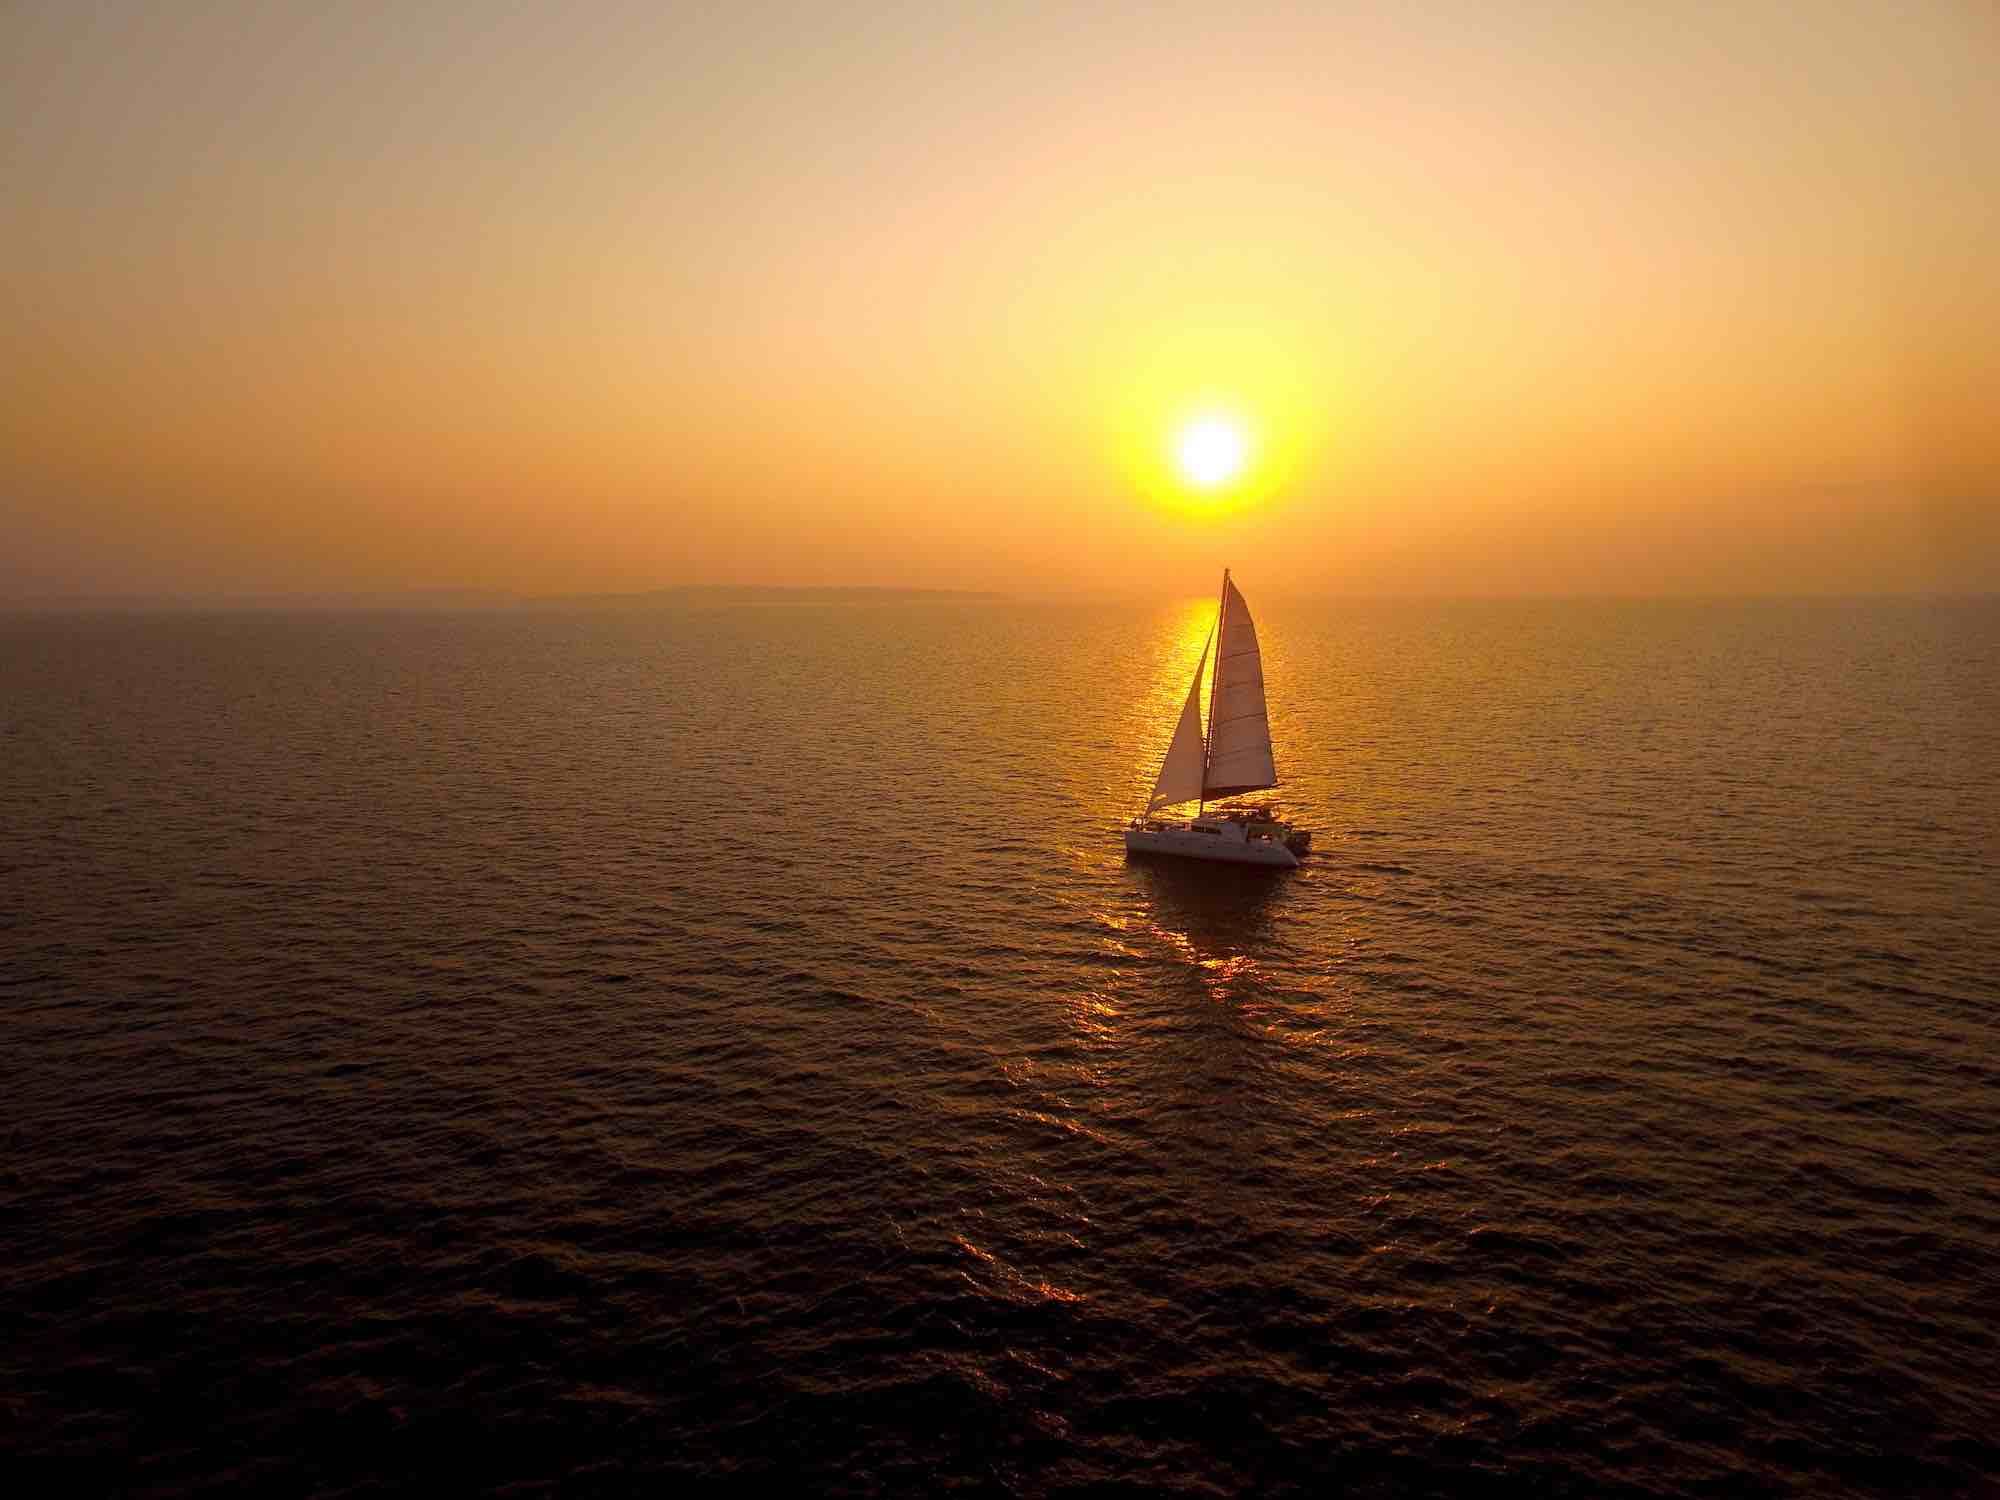 Andaman Islands_sailing at sunset golden hour yacht trip_XS.jpeg